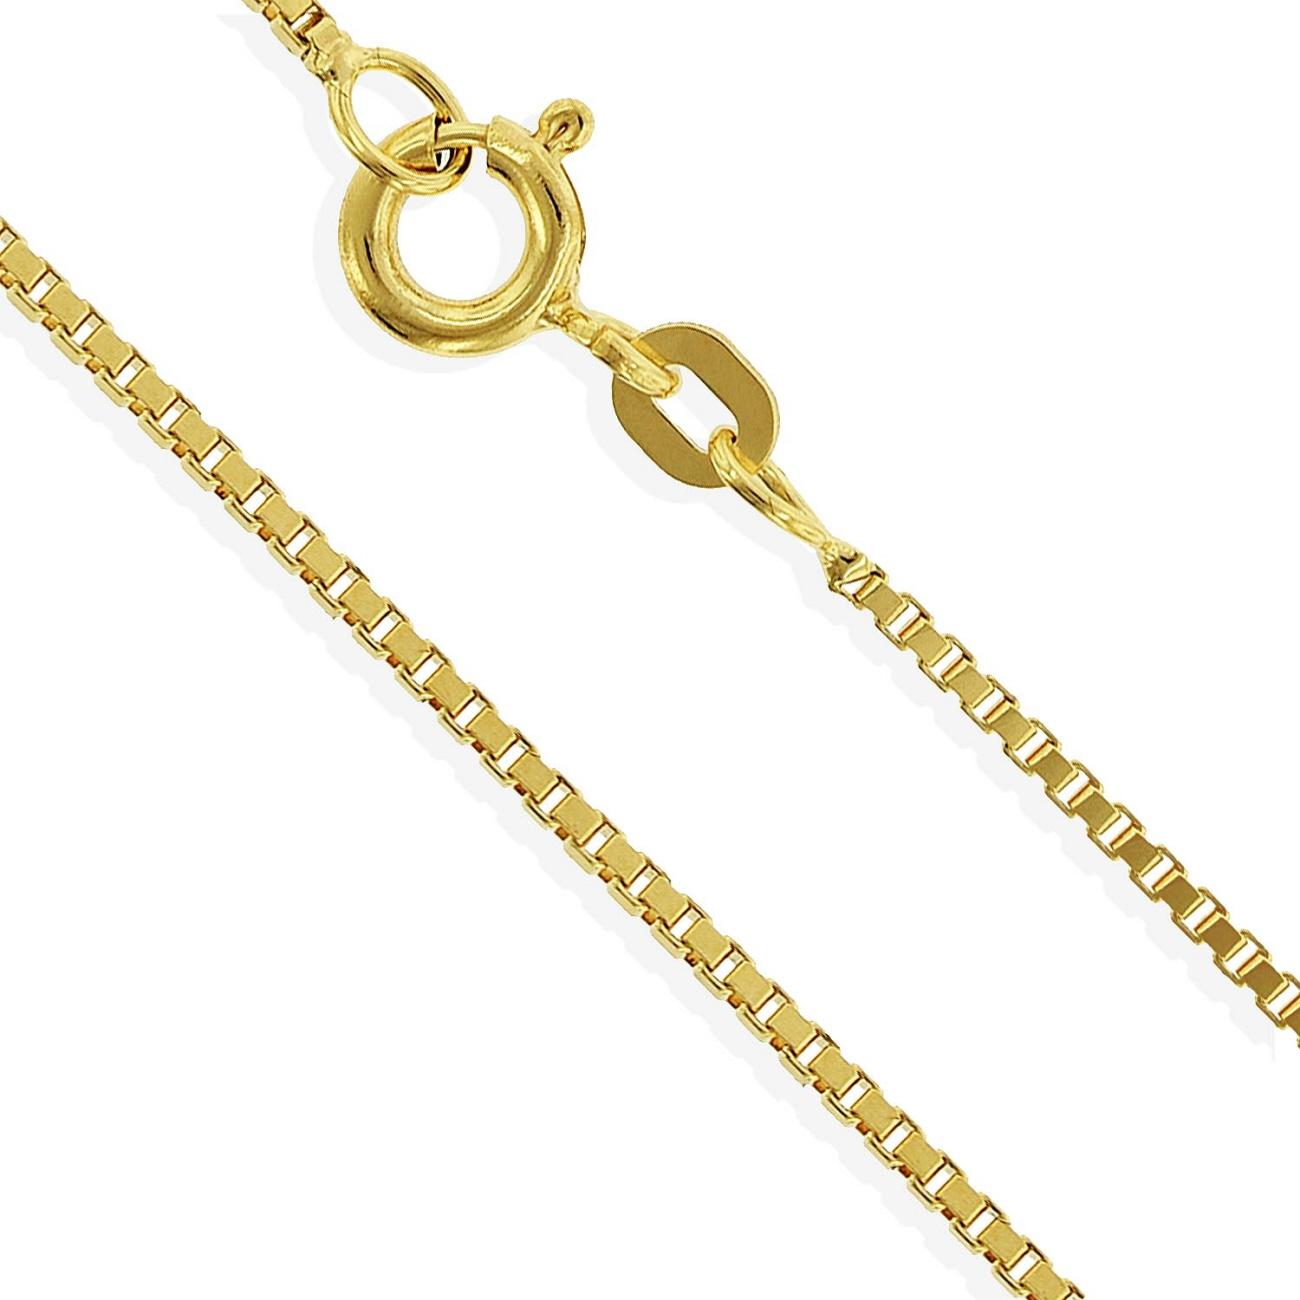 neue Sachen neueste große sorten Gelbgold Venezianerkette 14 Karat 585 14K Herrenkette 50cm Ø 0,70mm  (Art.301028)